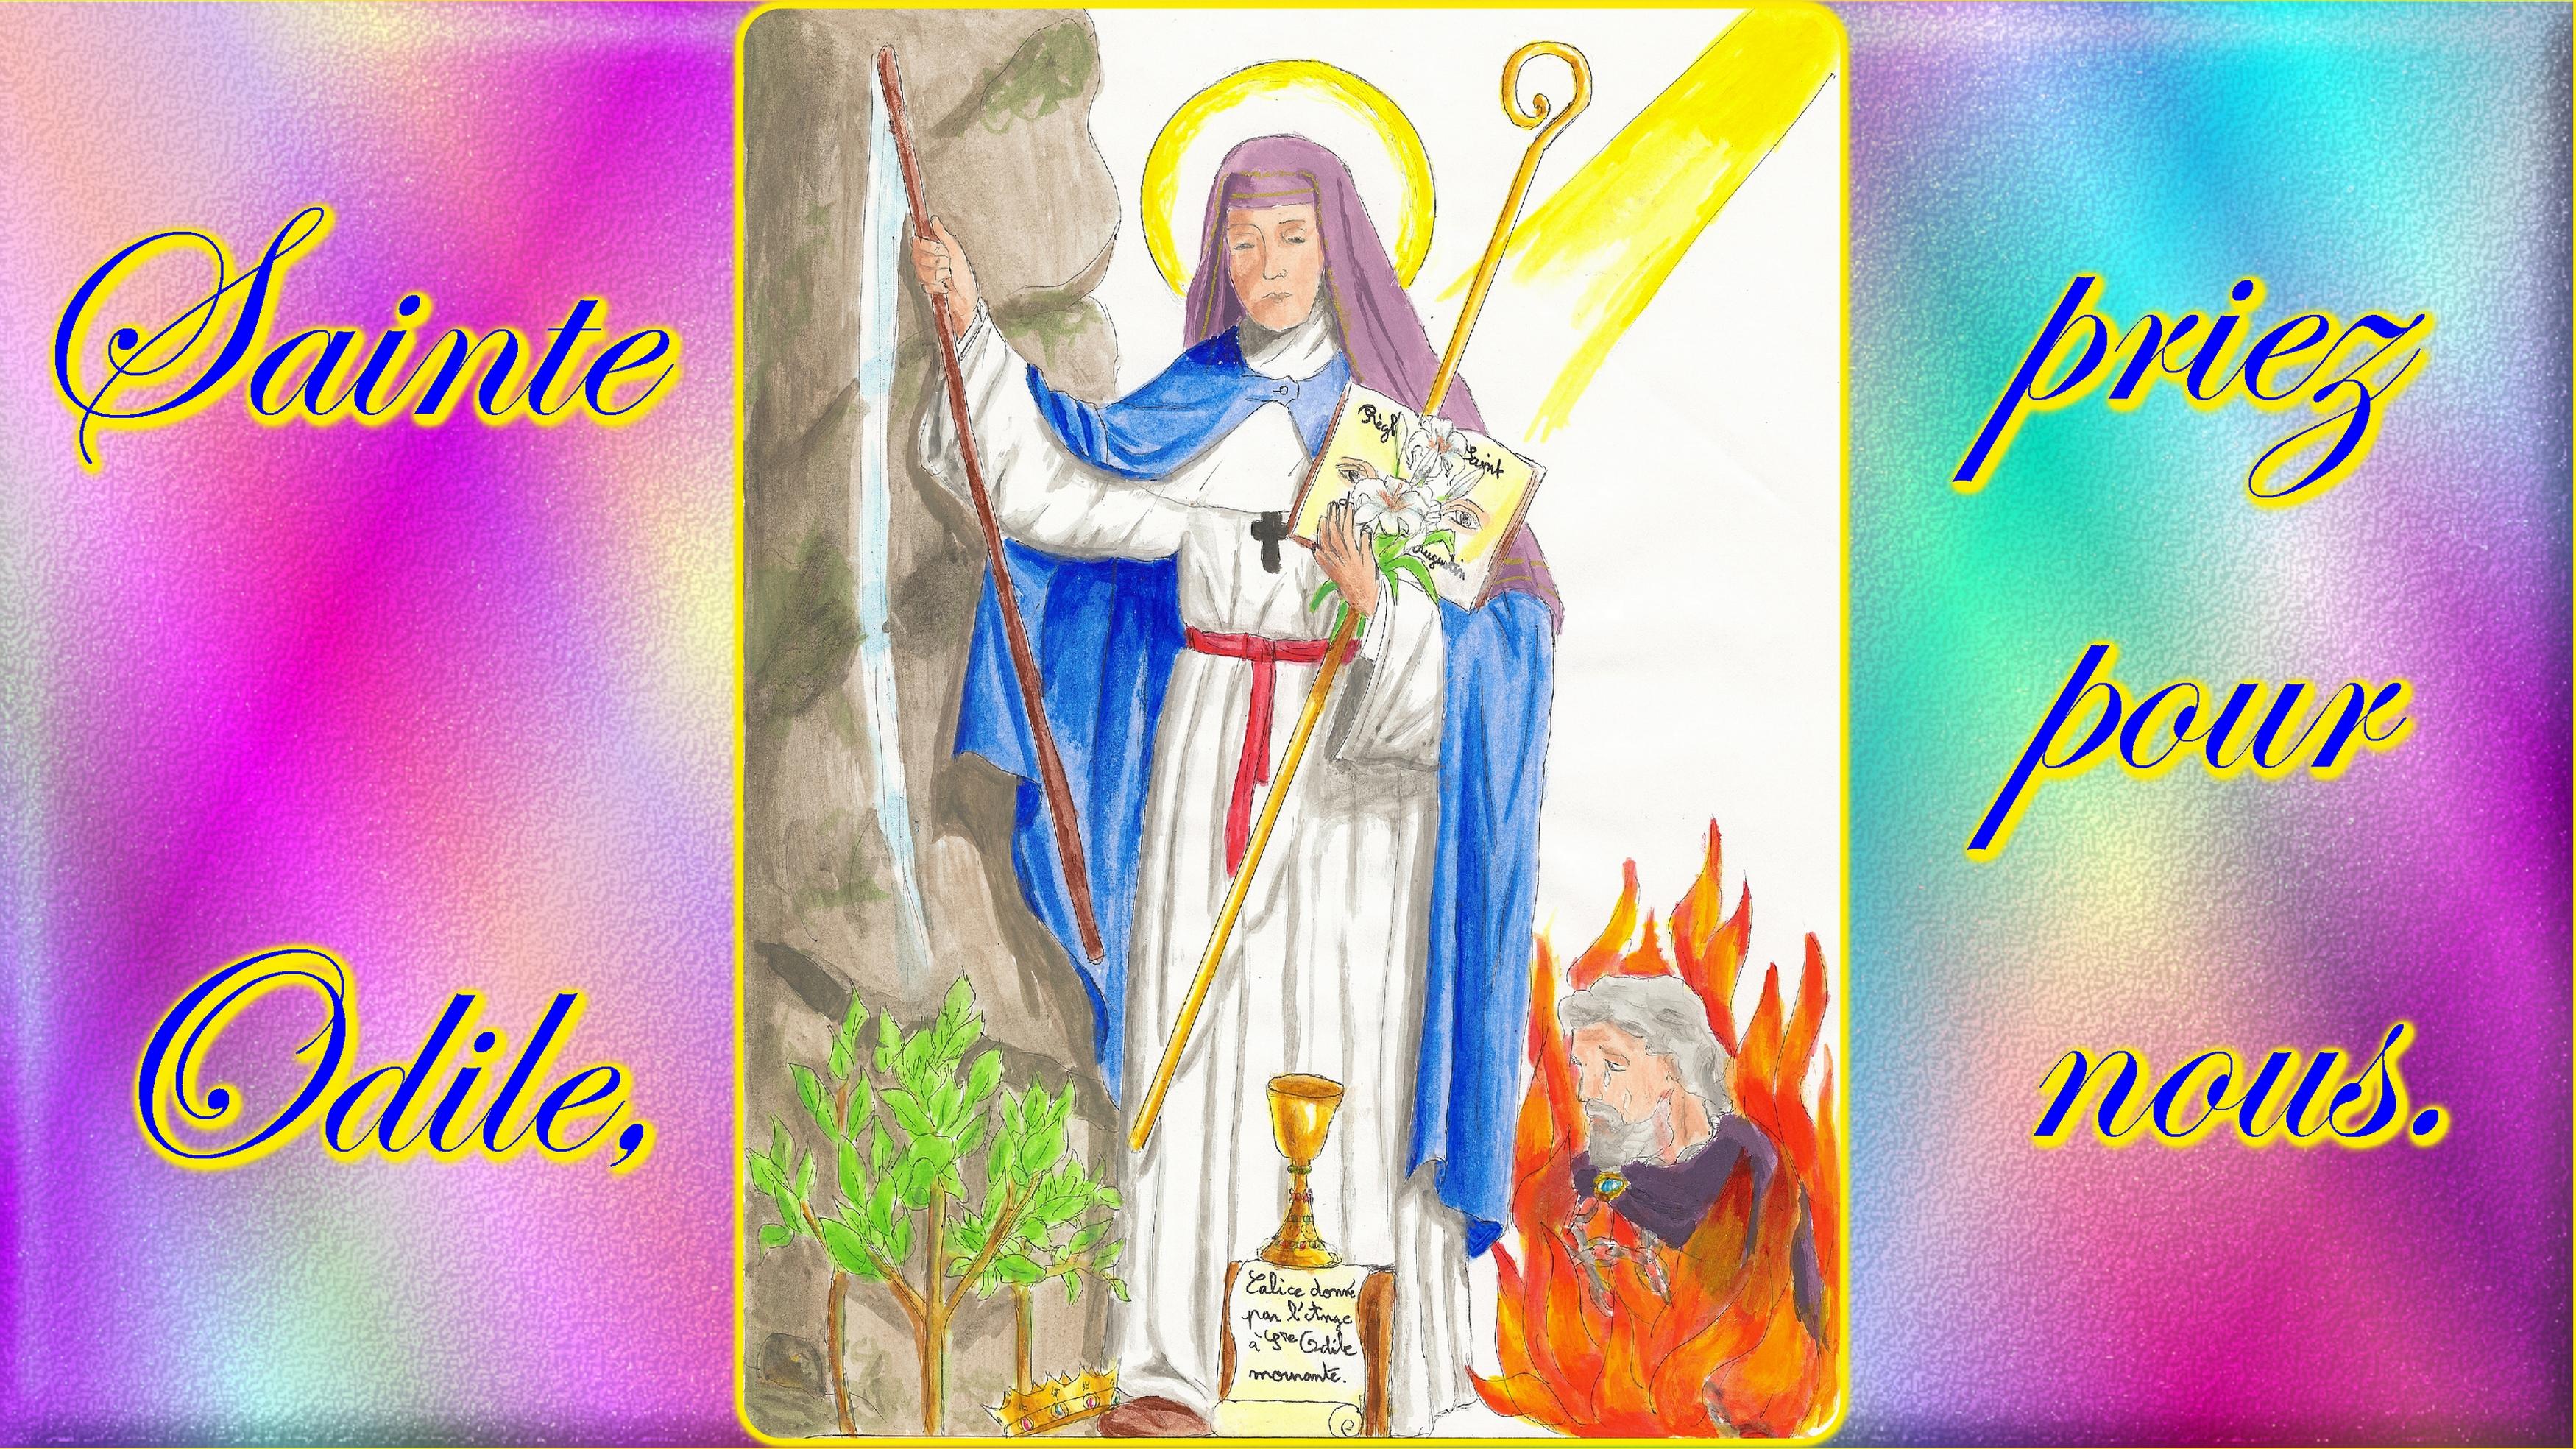 CALENDRIER CATHOLIQUE 2019 (Cantiques, Prières & Images) - Page 18 Ste-odile-56db2aa